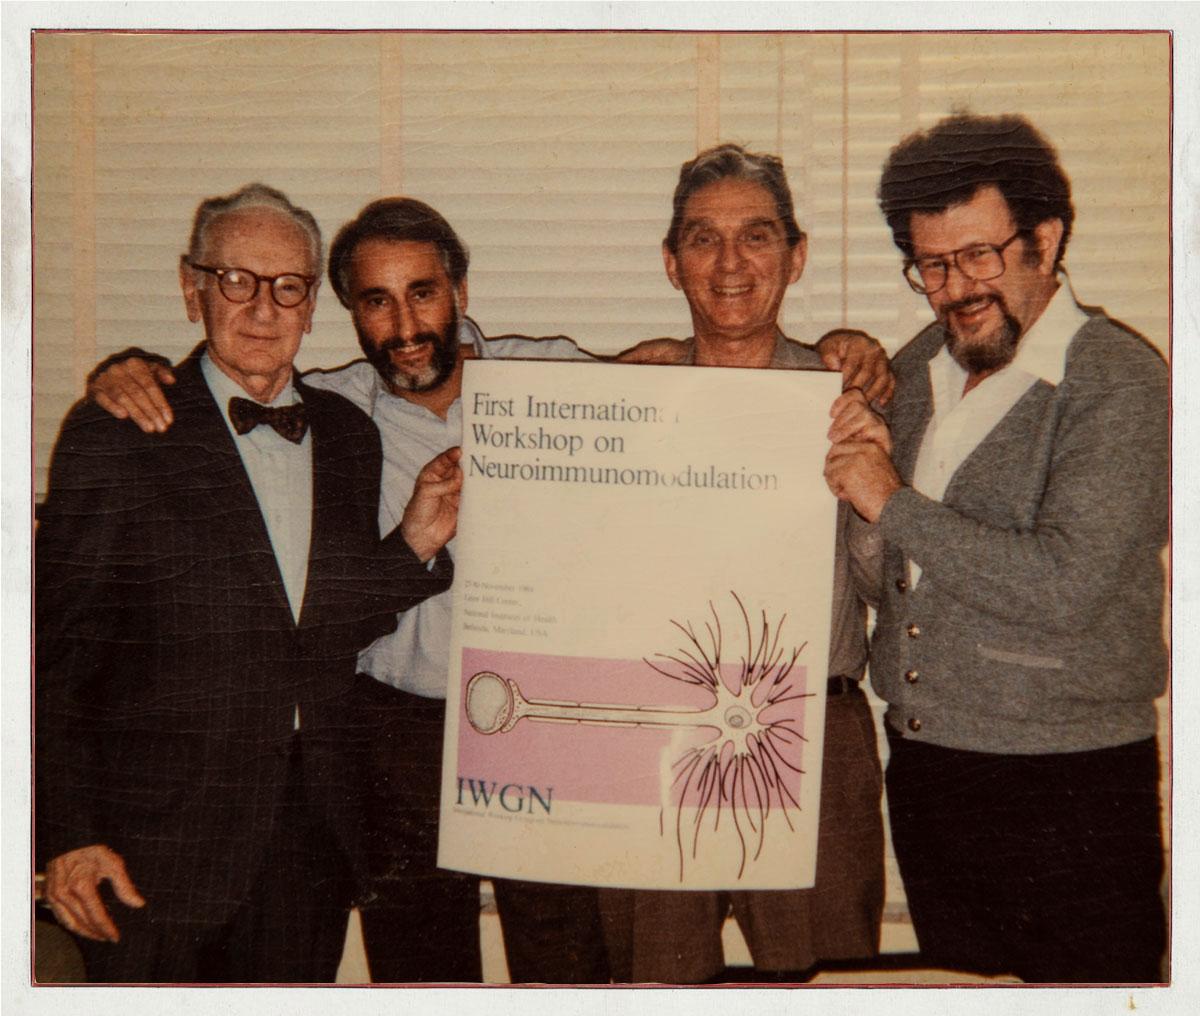 Walter Pierpaoli, Sir Denis Mahon, Branislav Jankovic, Novera Spector